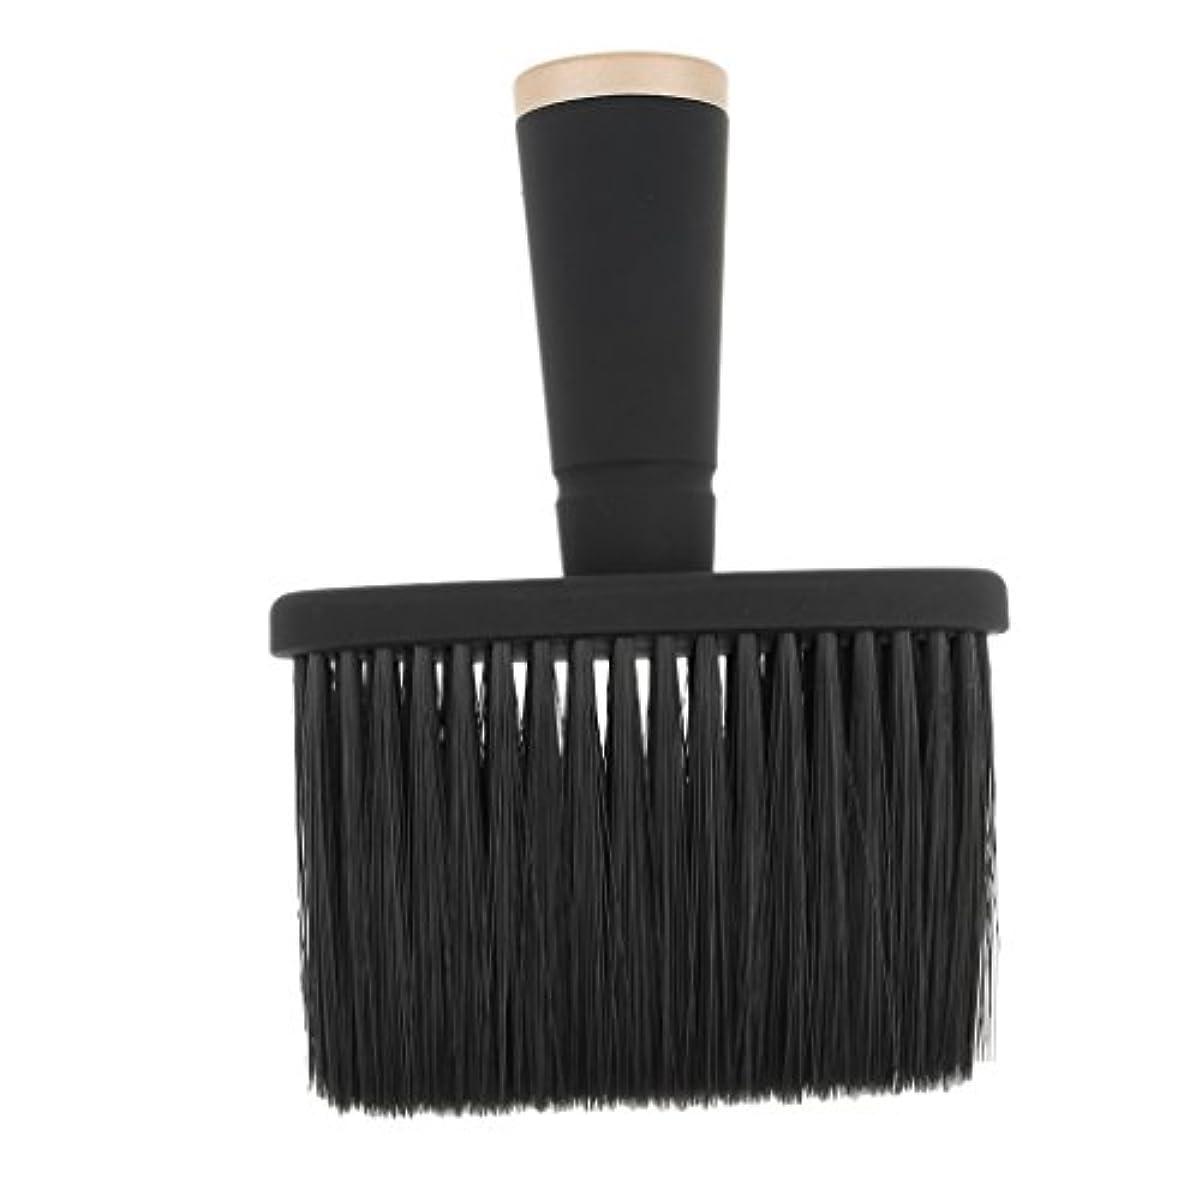 リサイクルする短命Toygogo プロの理髪師の首のダスターのブラシ、毛の切断のための柔らかいクリーニングの表面ブラシ、携帯用設計 - ゴールド